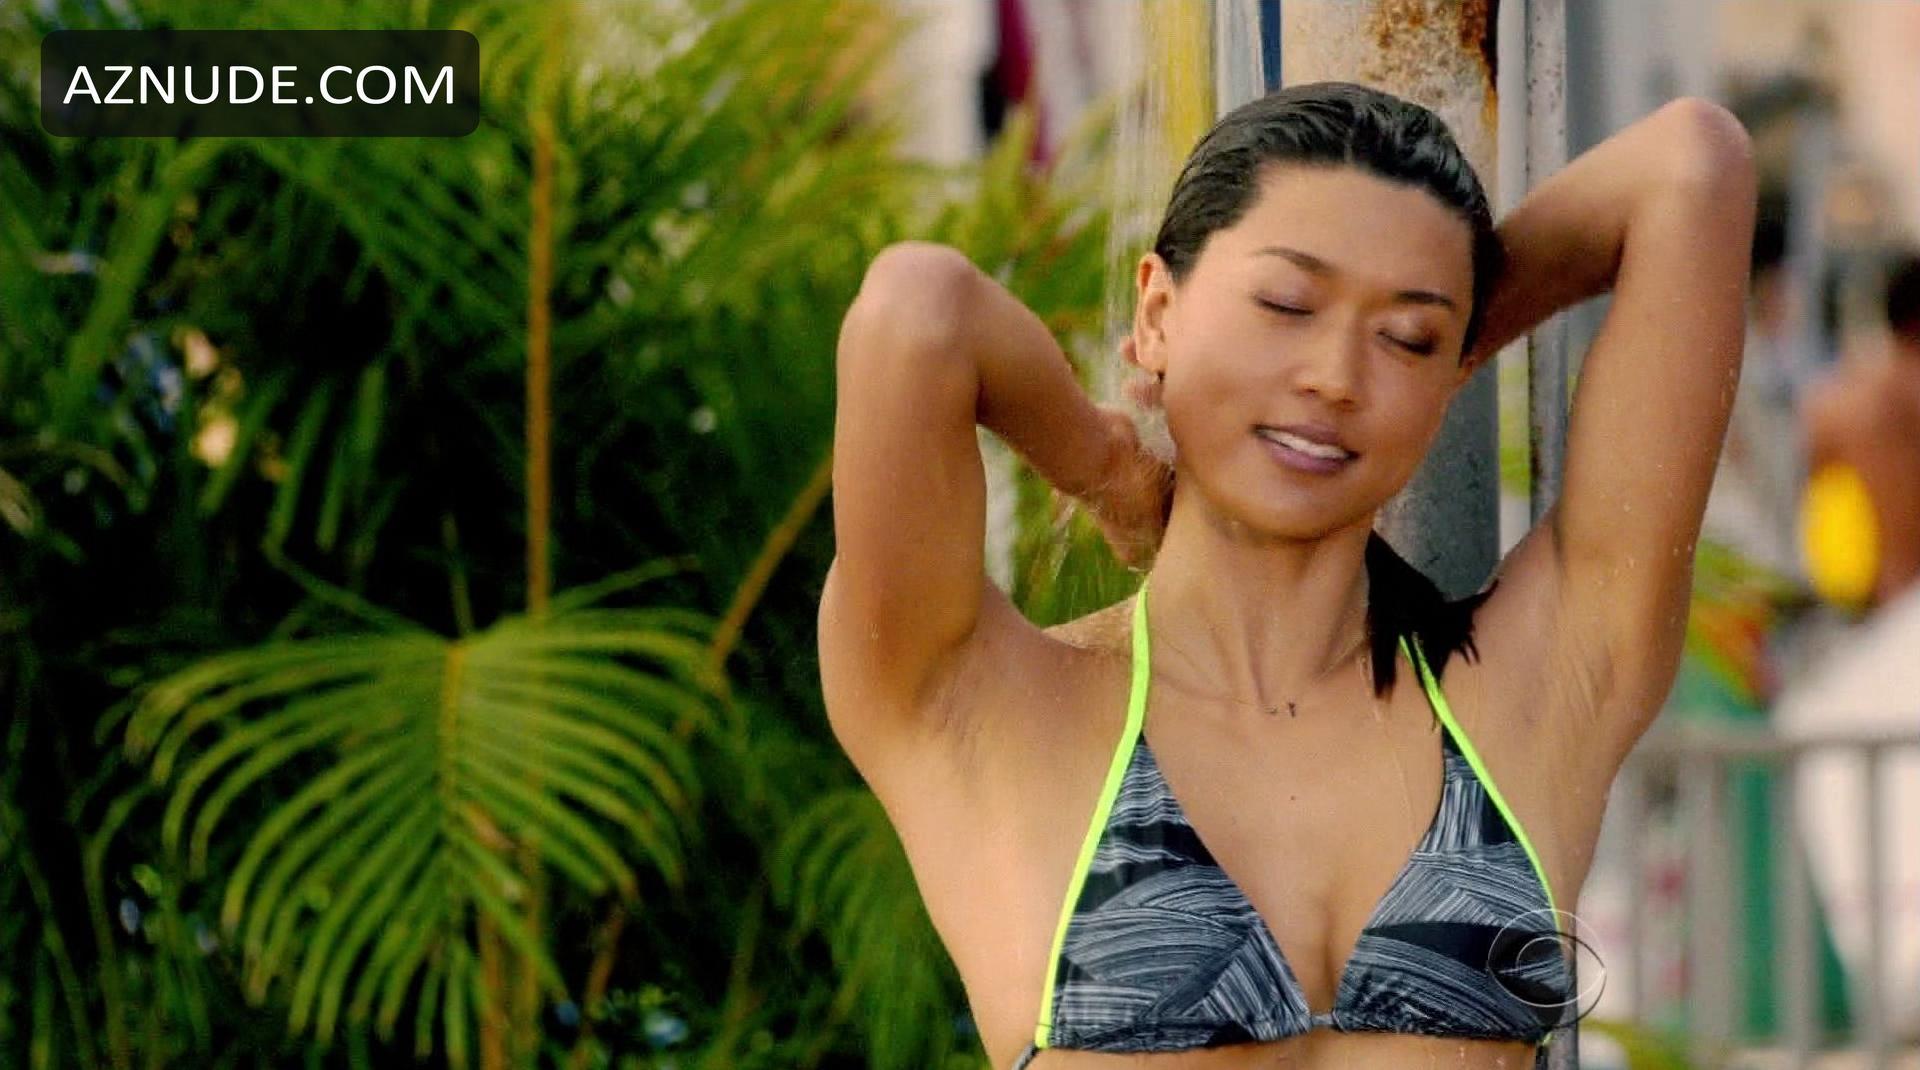 O bikini grace ass five hawaii park